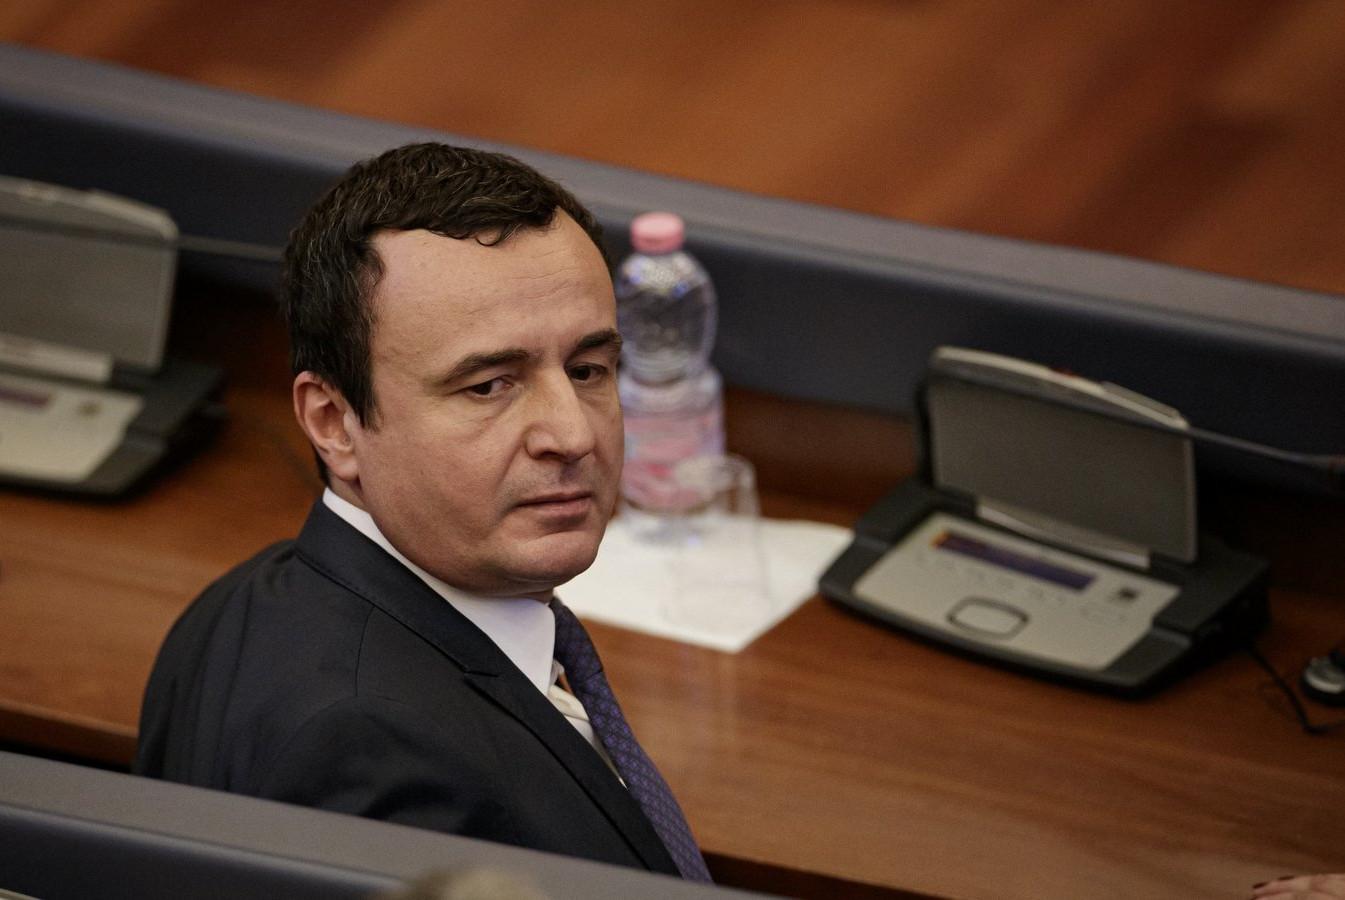 Аљбин Курти, бивши председник владе привремених институција у Приштини (Фото: EPA-EFE/VALDRIN XHEMAJ)